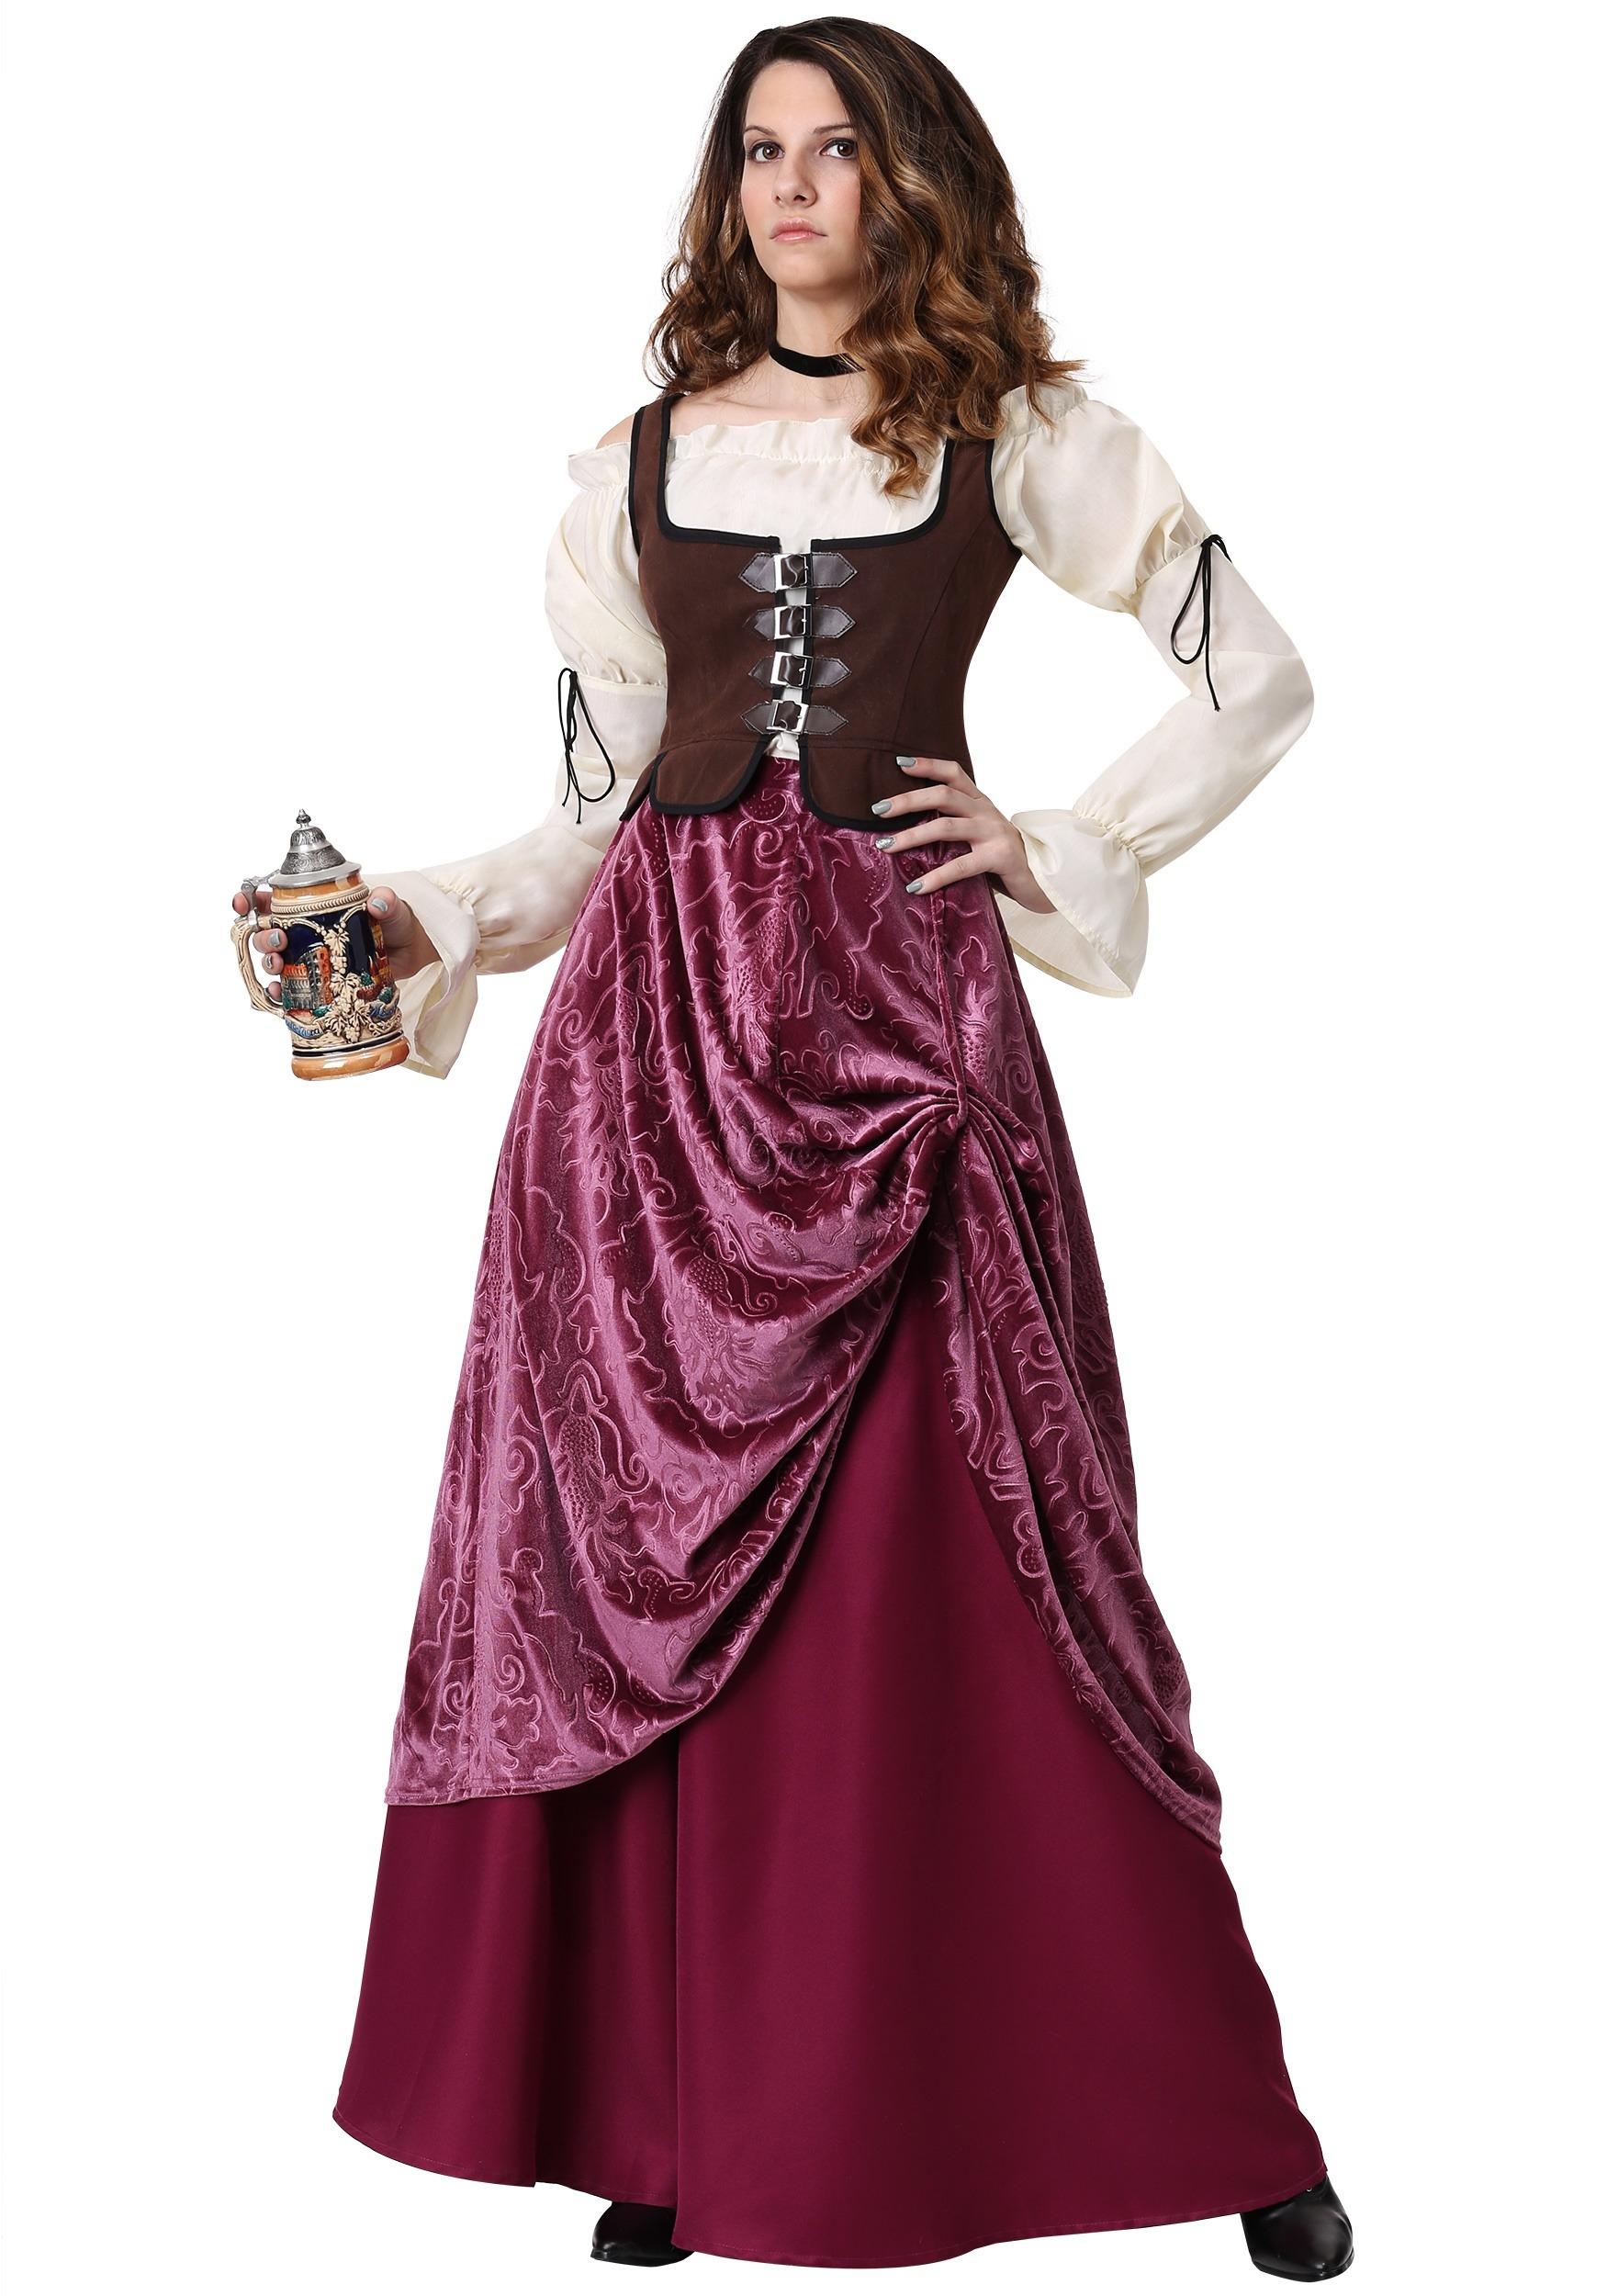 Costume Serveuse de taverne du Moyen-äge